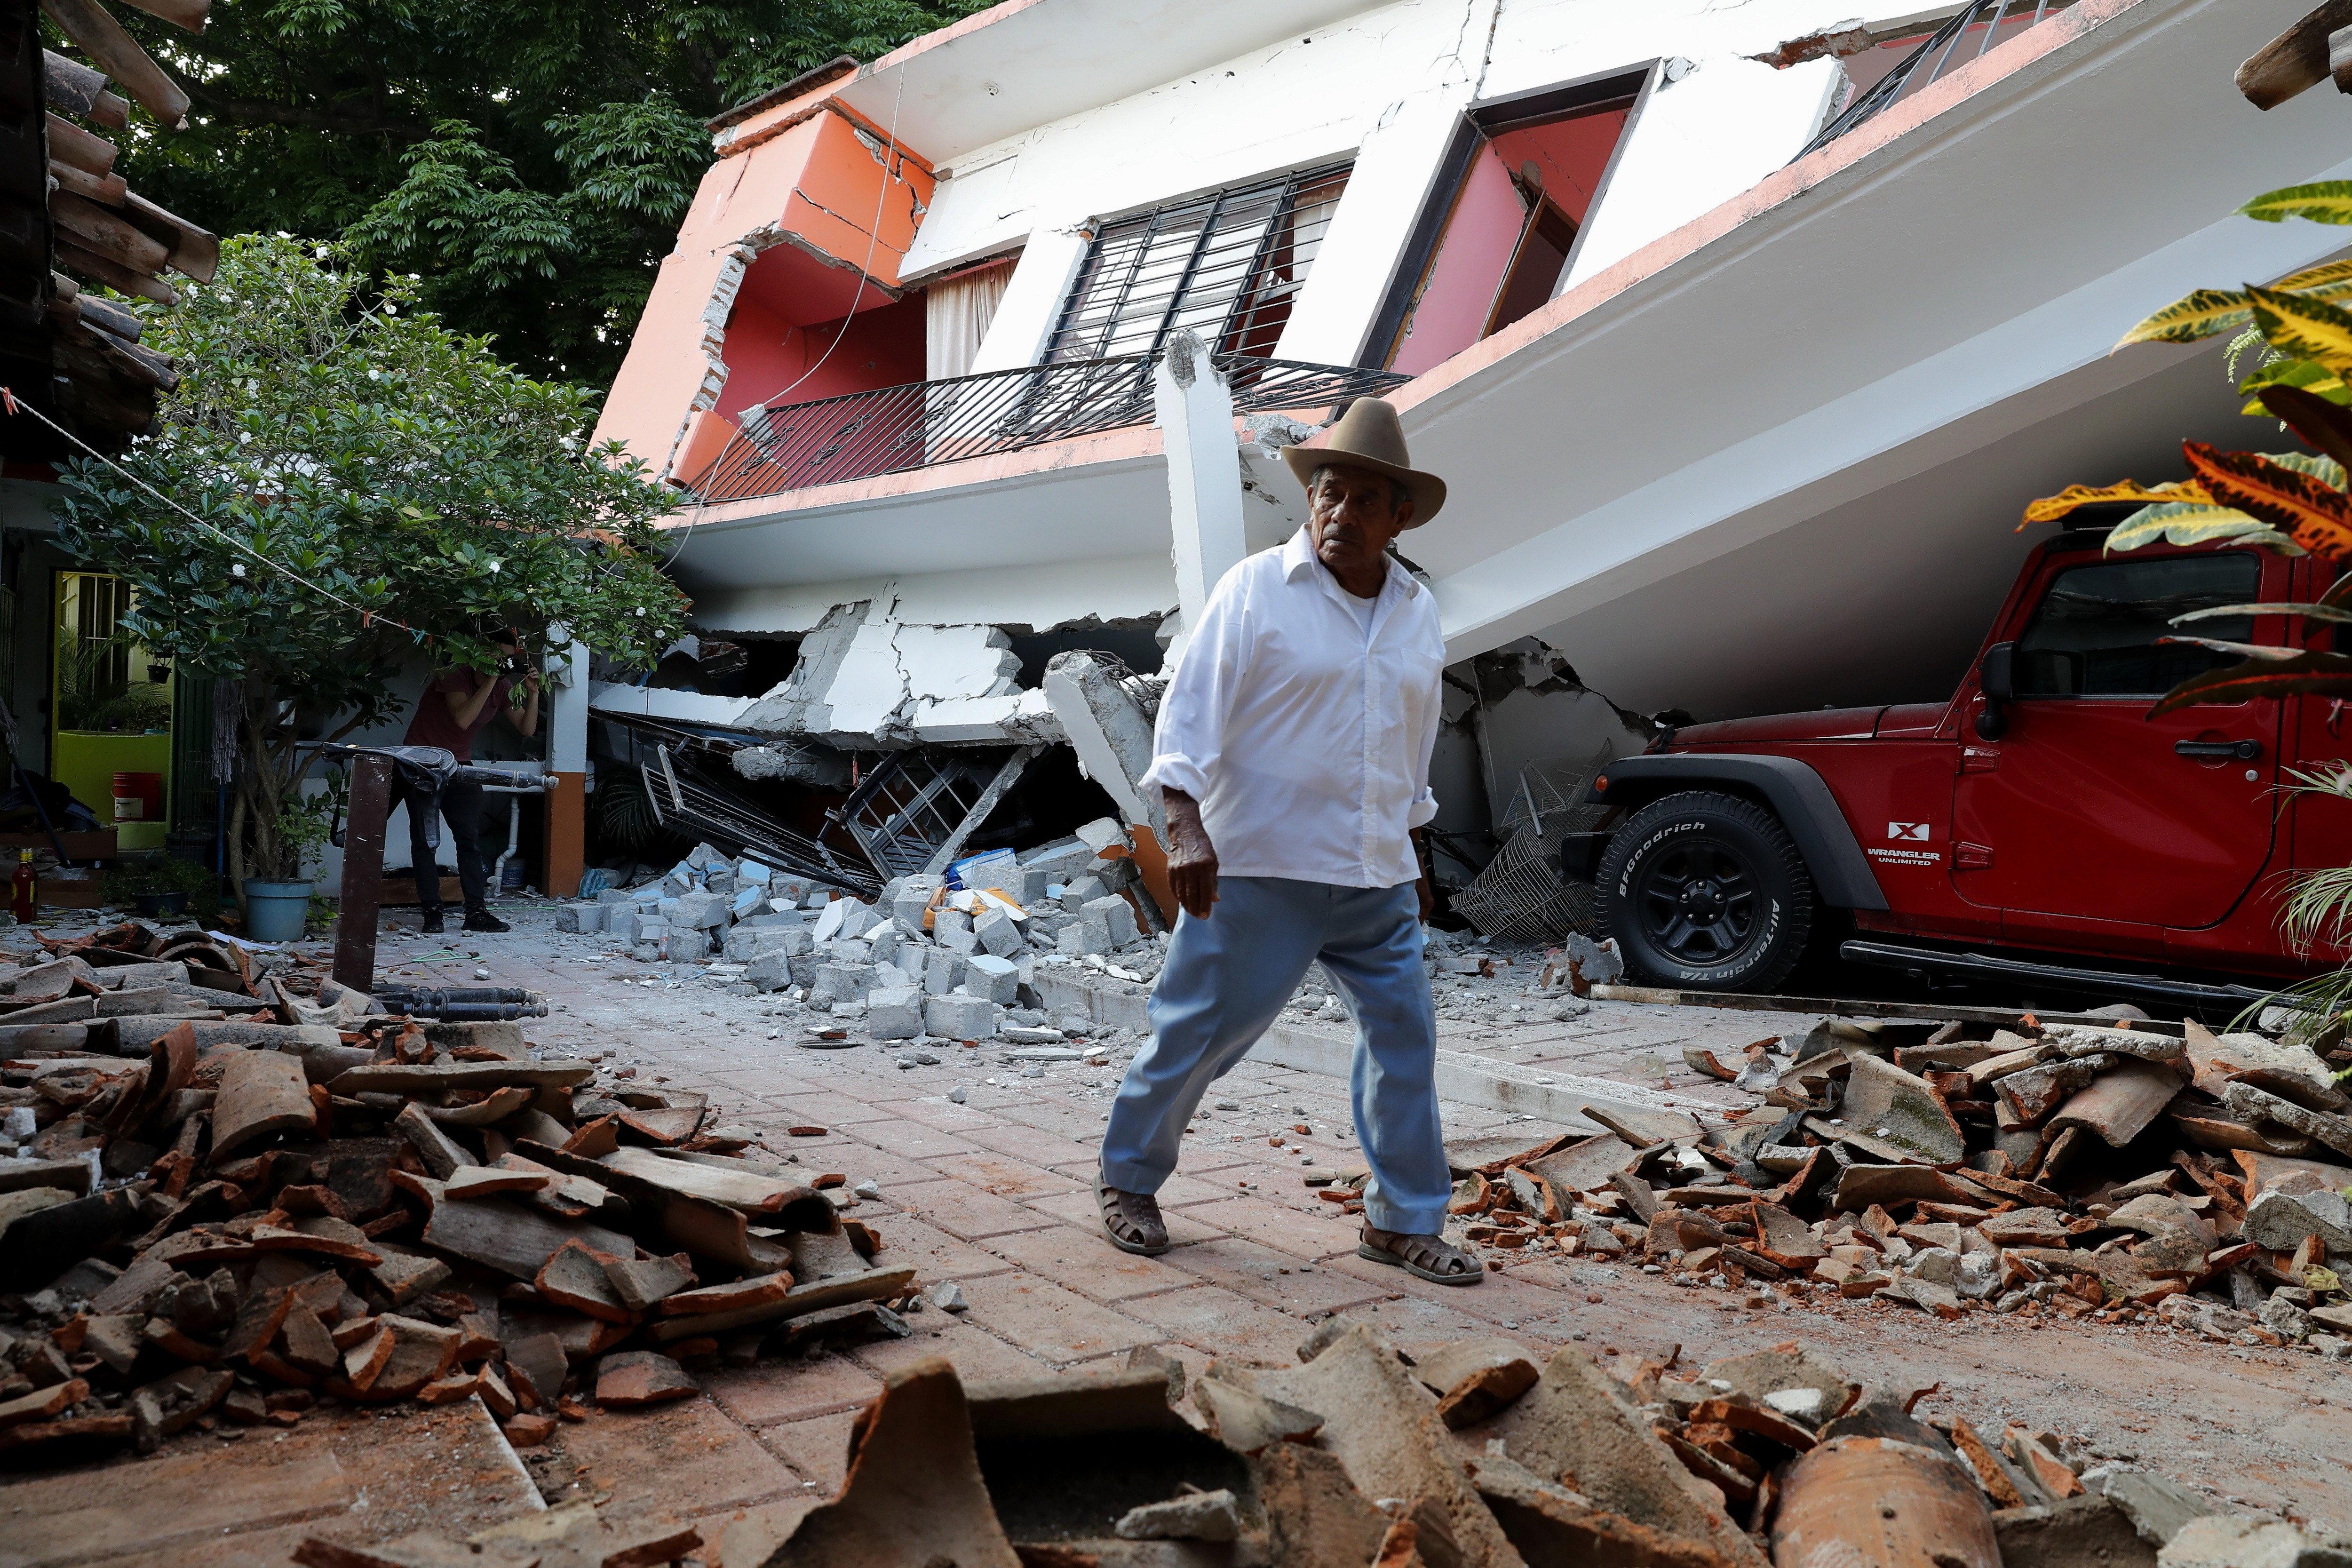 Un home camina al costat d'un habitatge destruït a Juchitán, Oaxaca (Mèxic), un dels llocs més afectats pel terratrèmol de magnitud 8,2. /JORGE NÚÑEZ